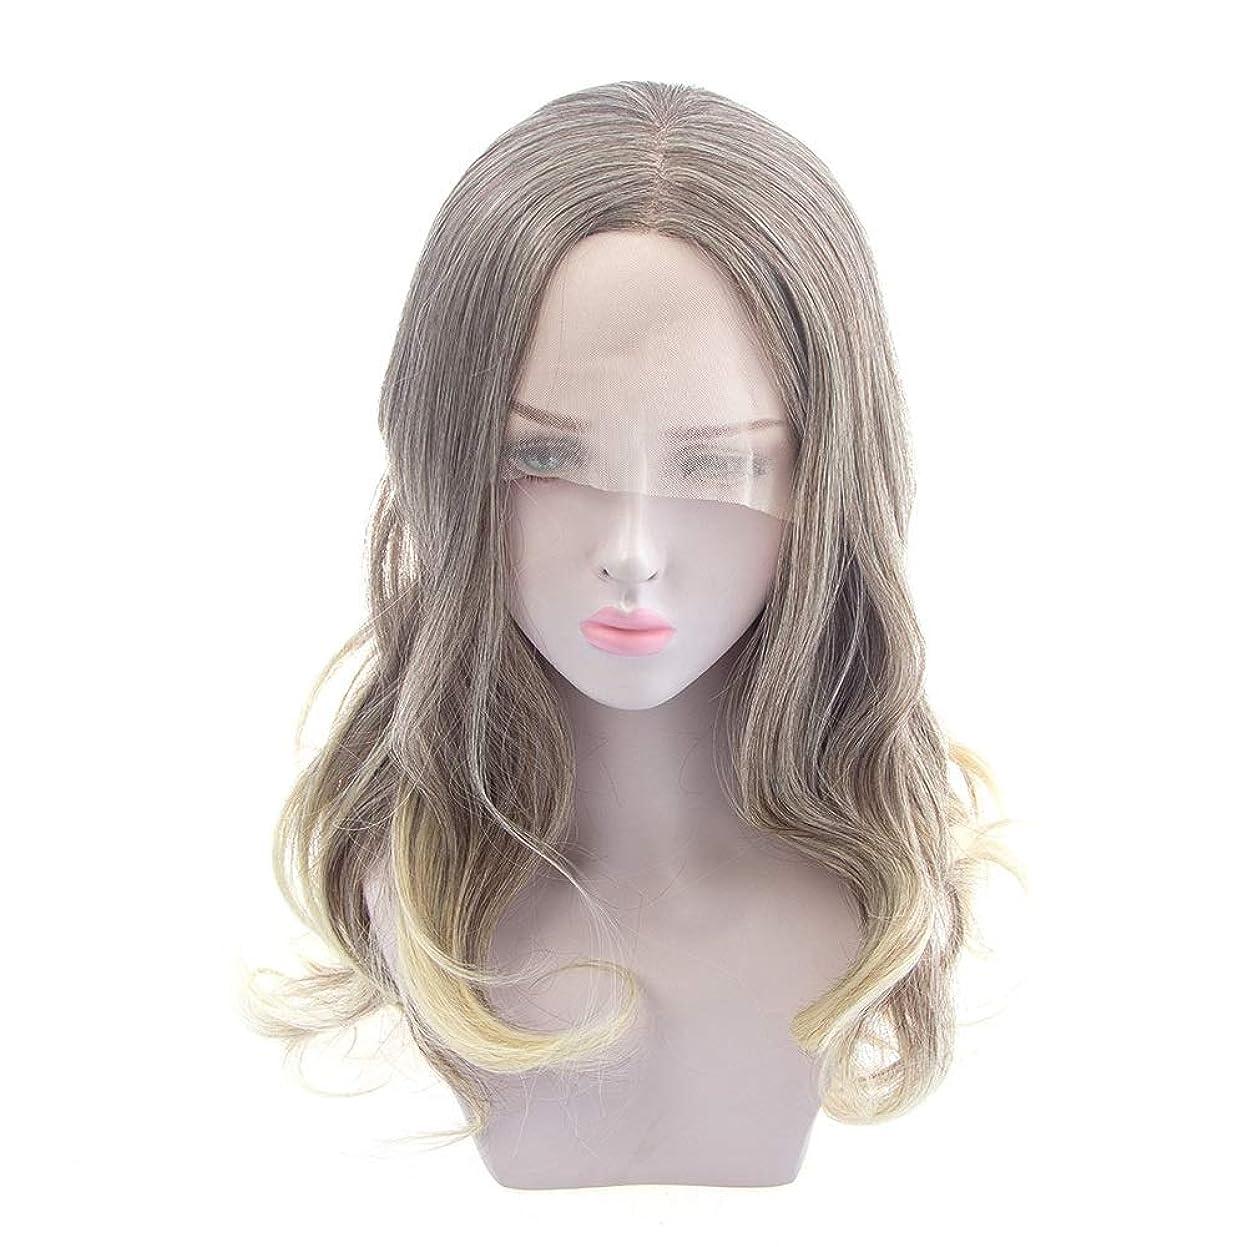 ふける未接続不機嫌そうなZXF ヨーロッパとアメリカの女性の長い巻き毛のかつら、化学繊維のフロントレースのかつら、半手織り難燃性高温ワイヤー 美しい